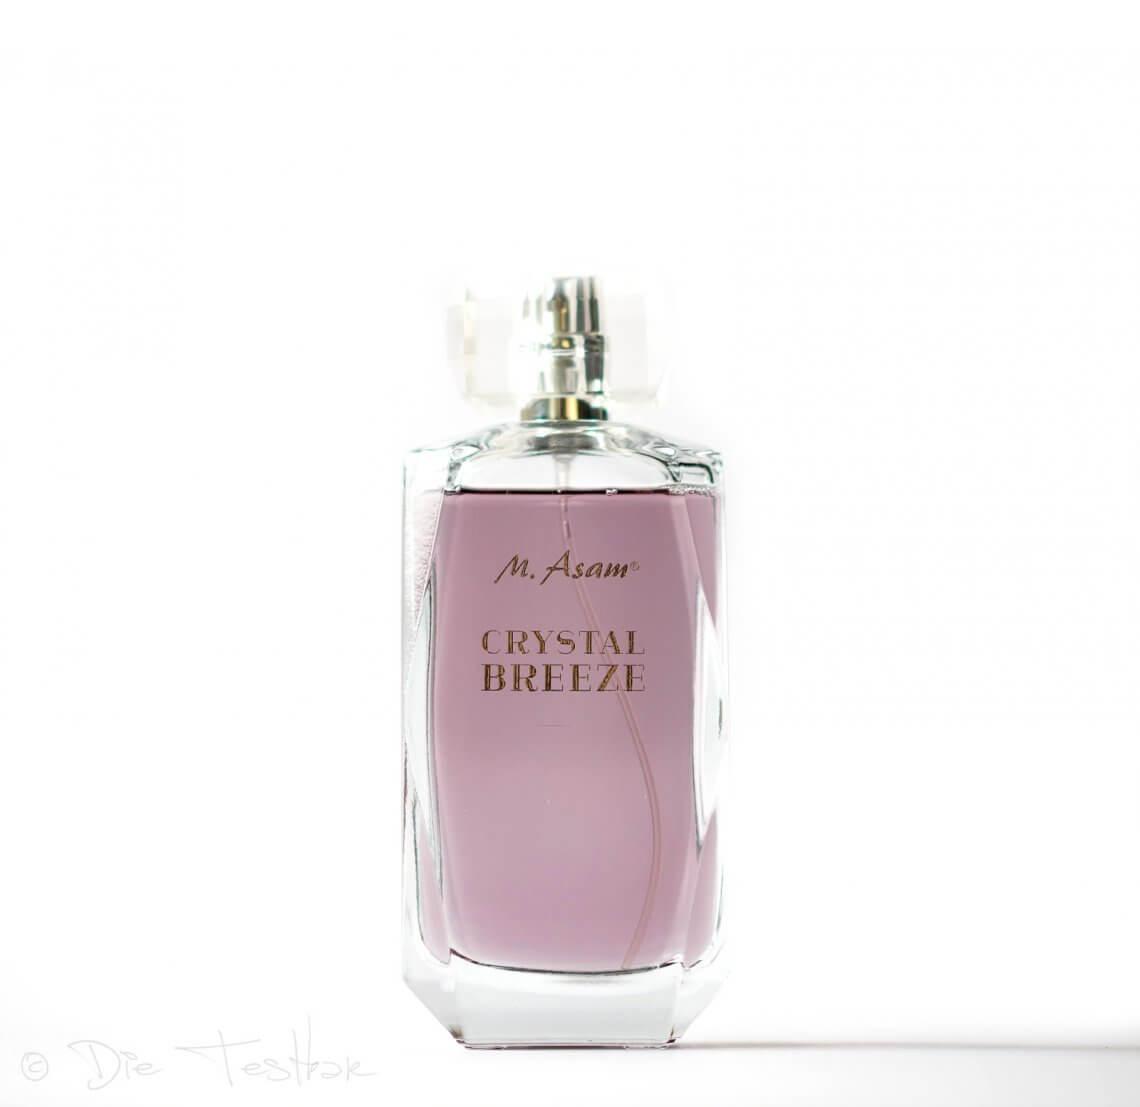 Crystal Breeze - Eau de Parfum von M. Asam